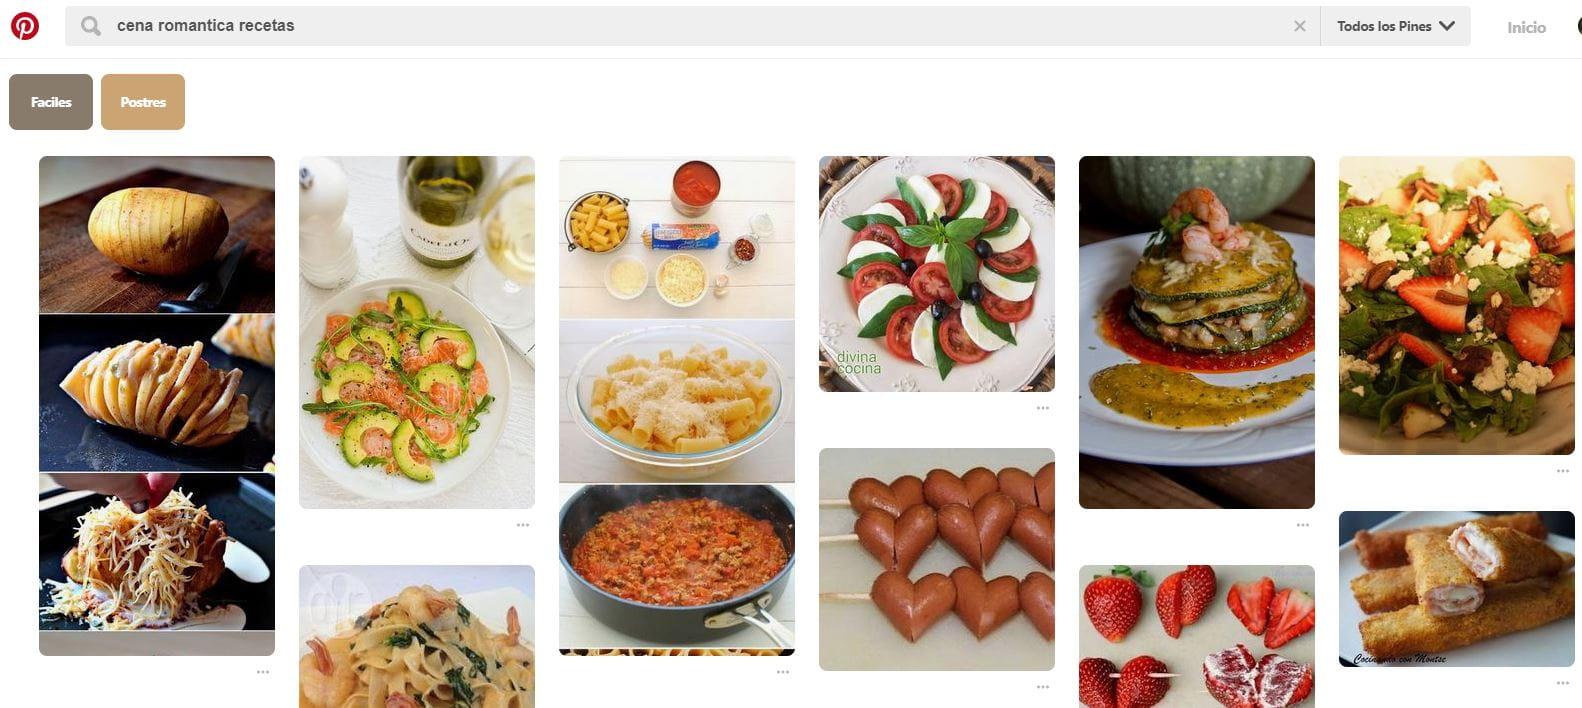 Los nuevos usos de pinterest iprospect spain para dar solucin a estas preguntas tan abiertas pinterest lleva aos usando los taste graphs una forma de entender al pblico de manera diferente al forumfinder Image collections